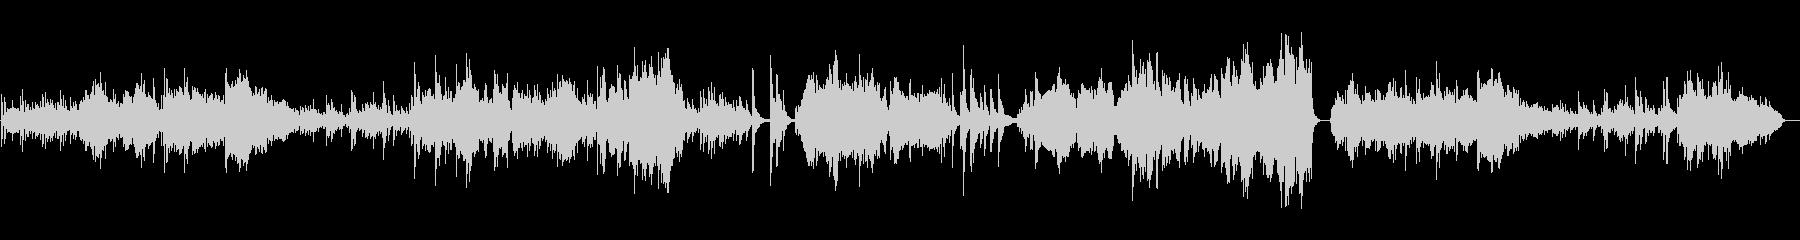 伝統的な日本風の楽曲の未再生の波形